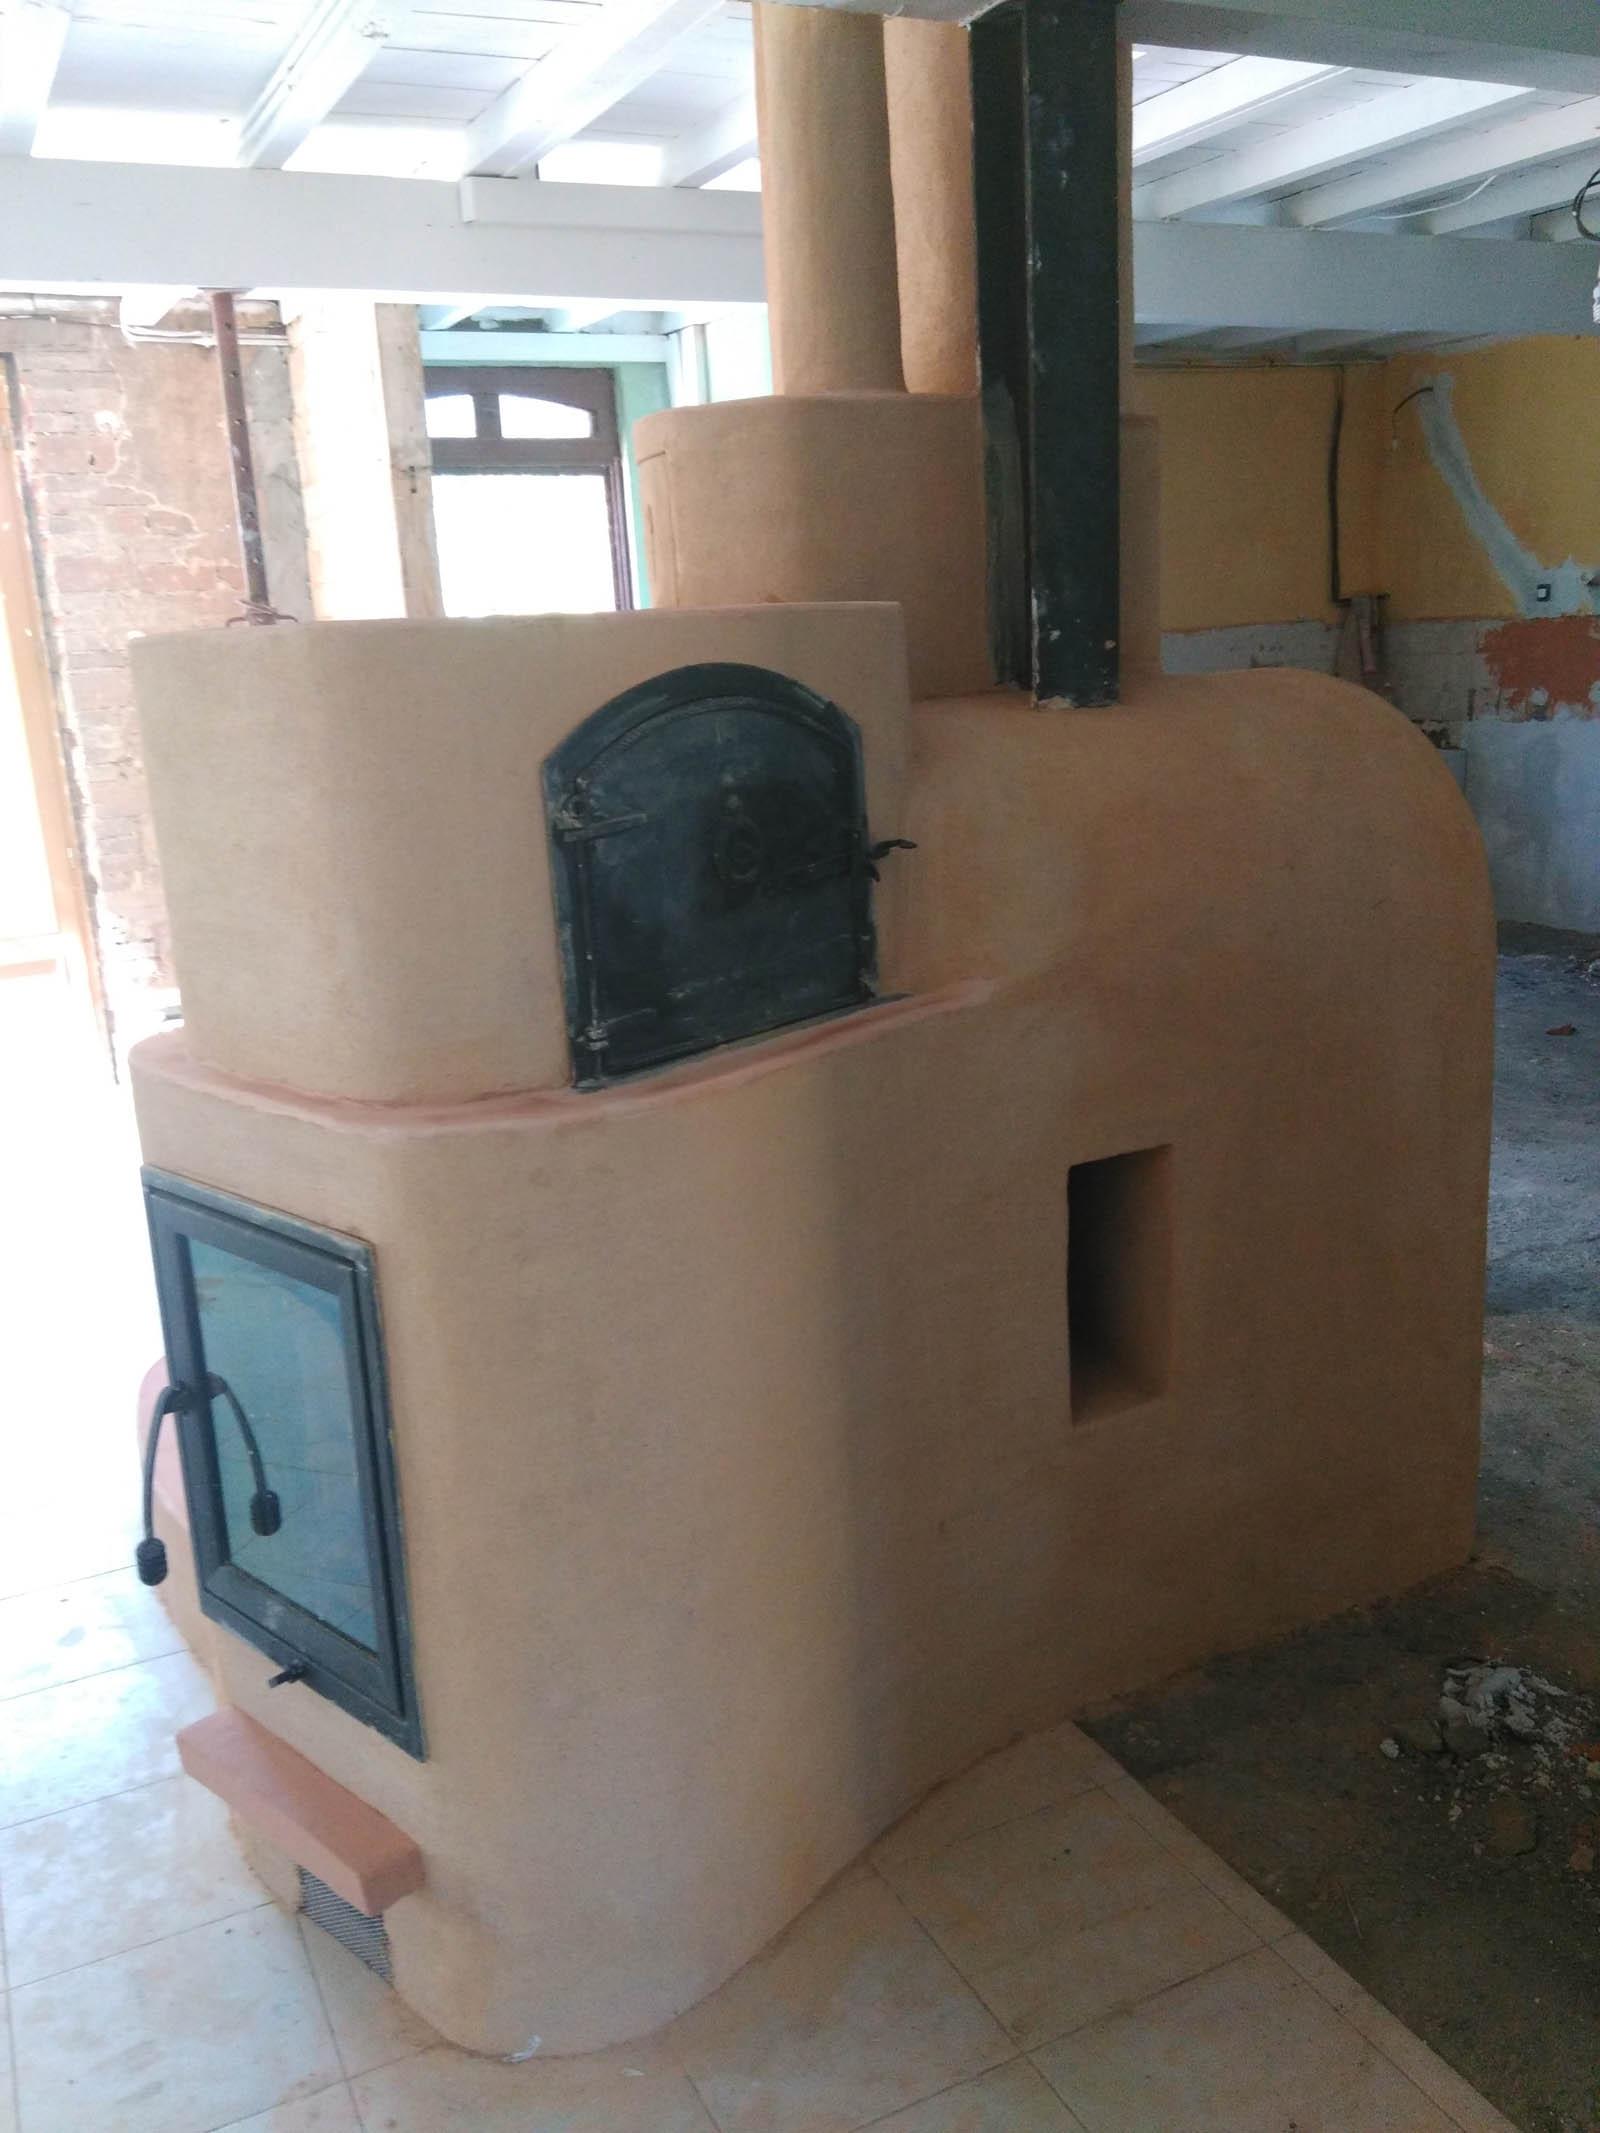 mise en place d'un poêle à accumulation dans une ferme à coté de Pamiers en Ariège